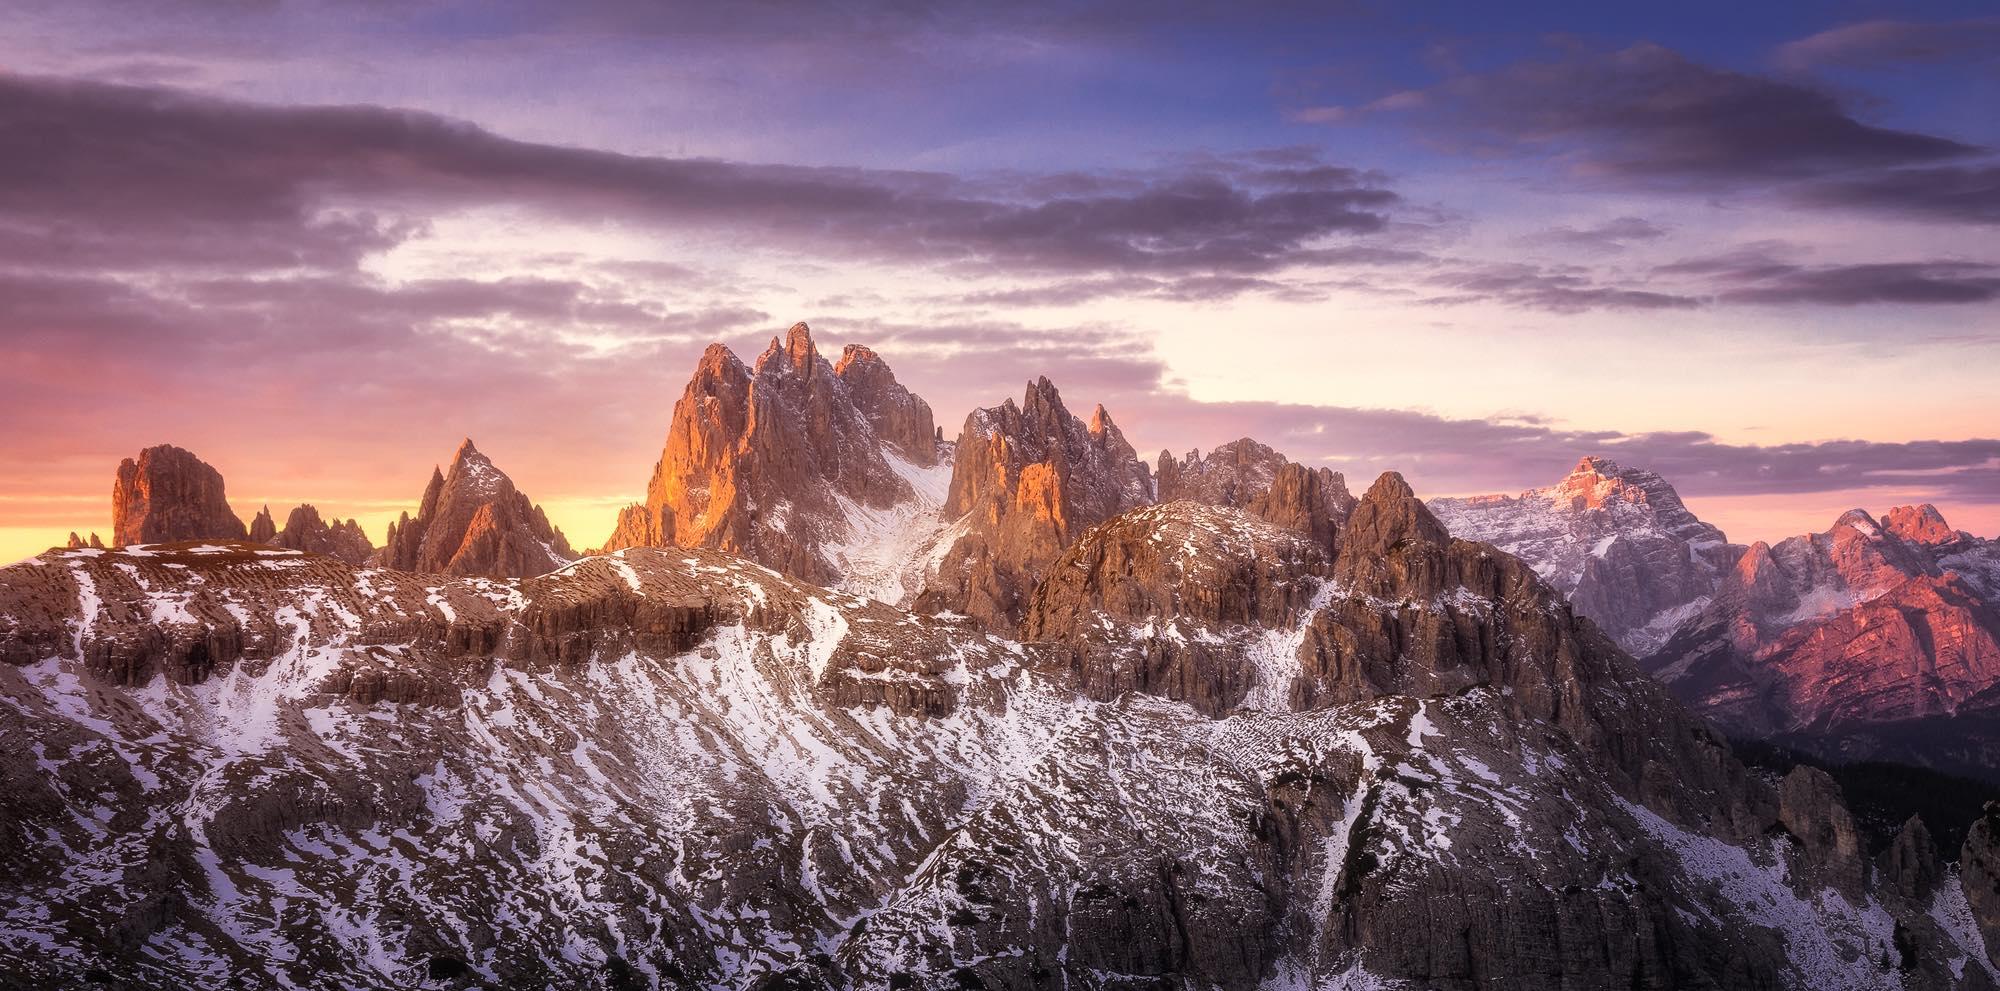 Dolomites View, Italy